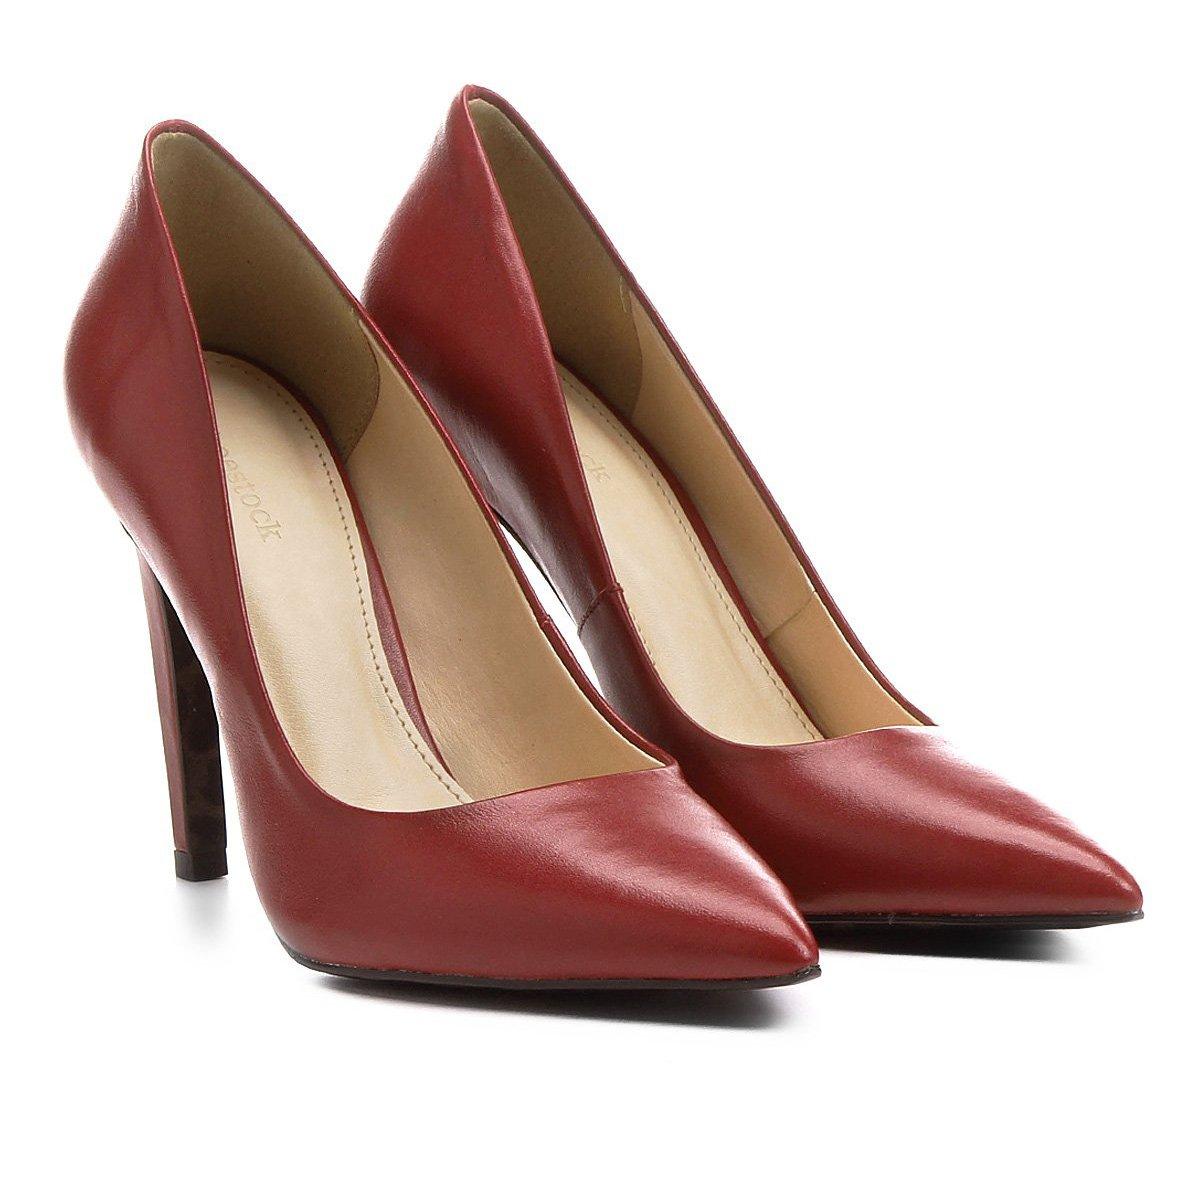 03a9a5c3b Scarpin Couro Shoestock Salto Alto Animal Print - Vermelho | Shoestock